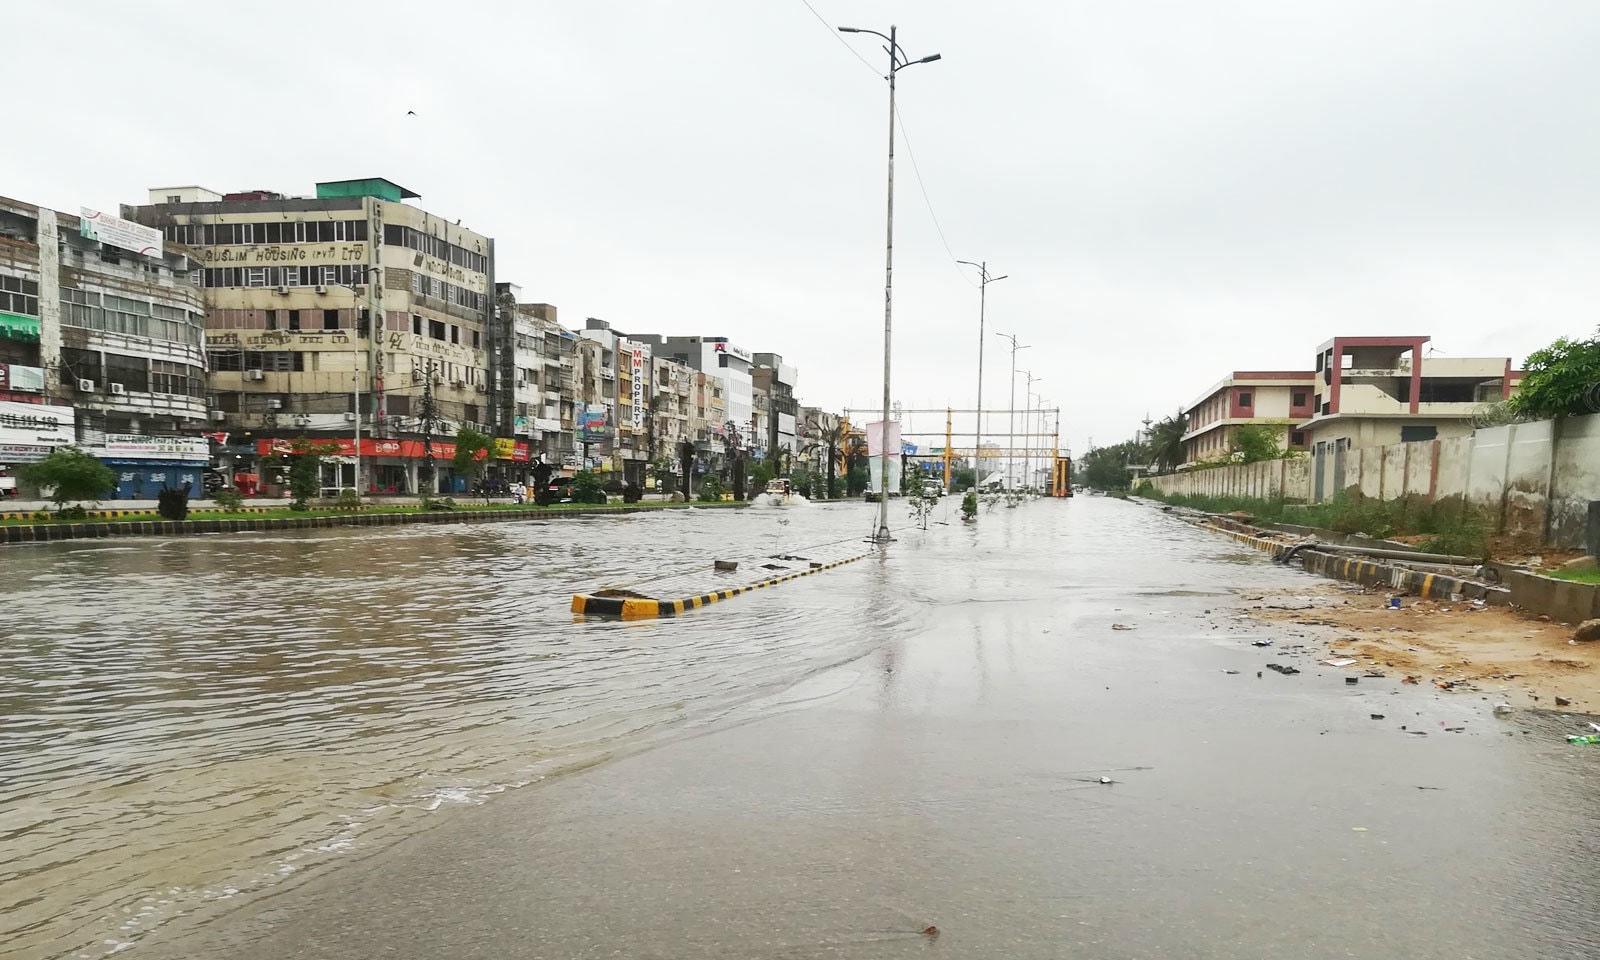 یونیورسٹی روڈ پر بھی پانی جمع ہوگیا—فوٹو: ناصر اعجاز/ ٹوئٹر